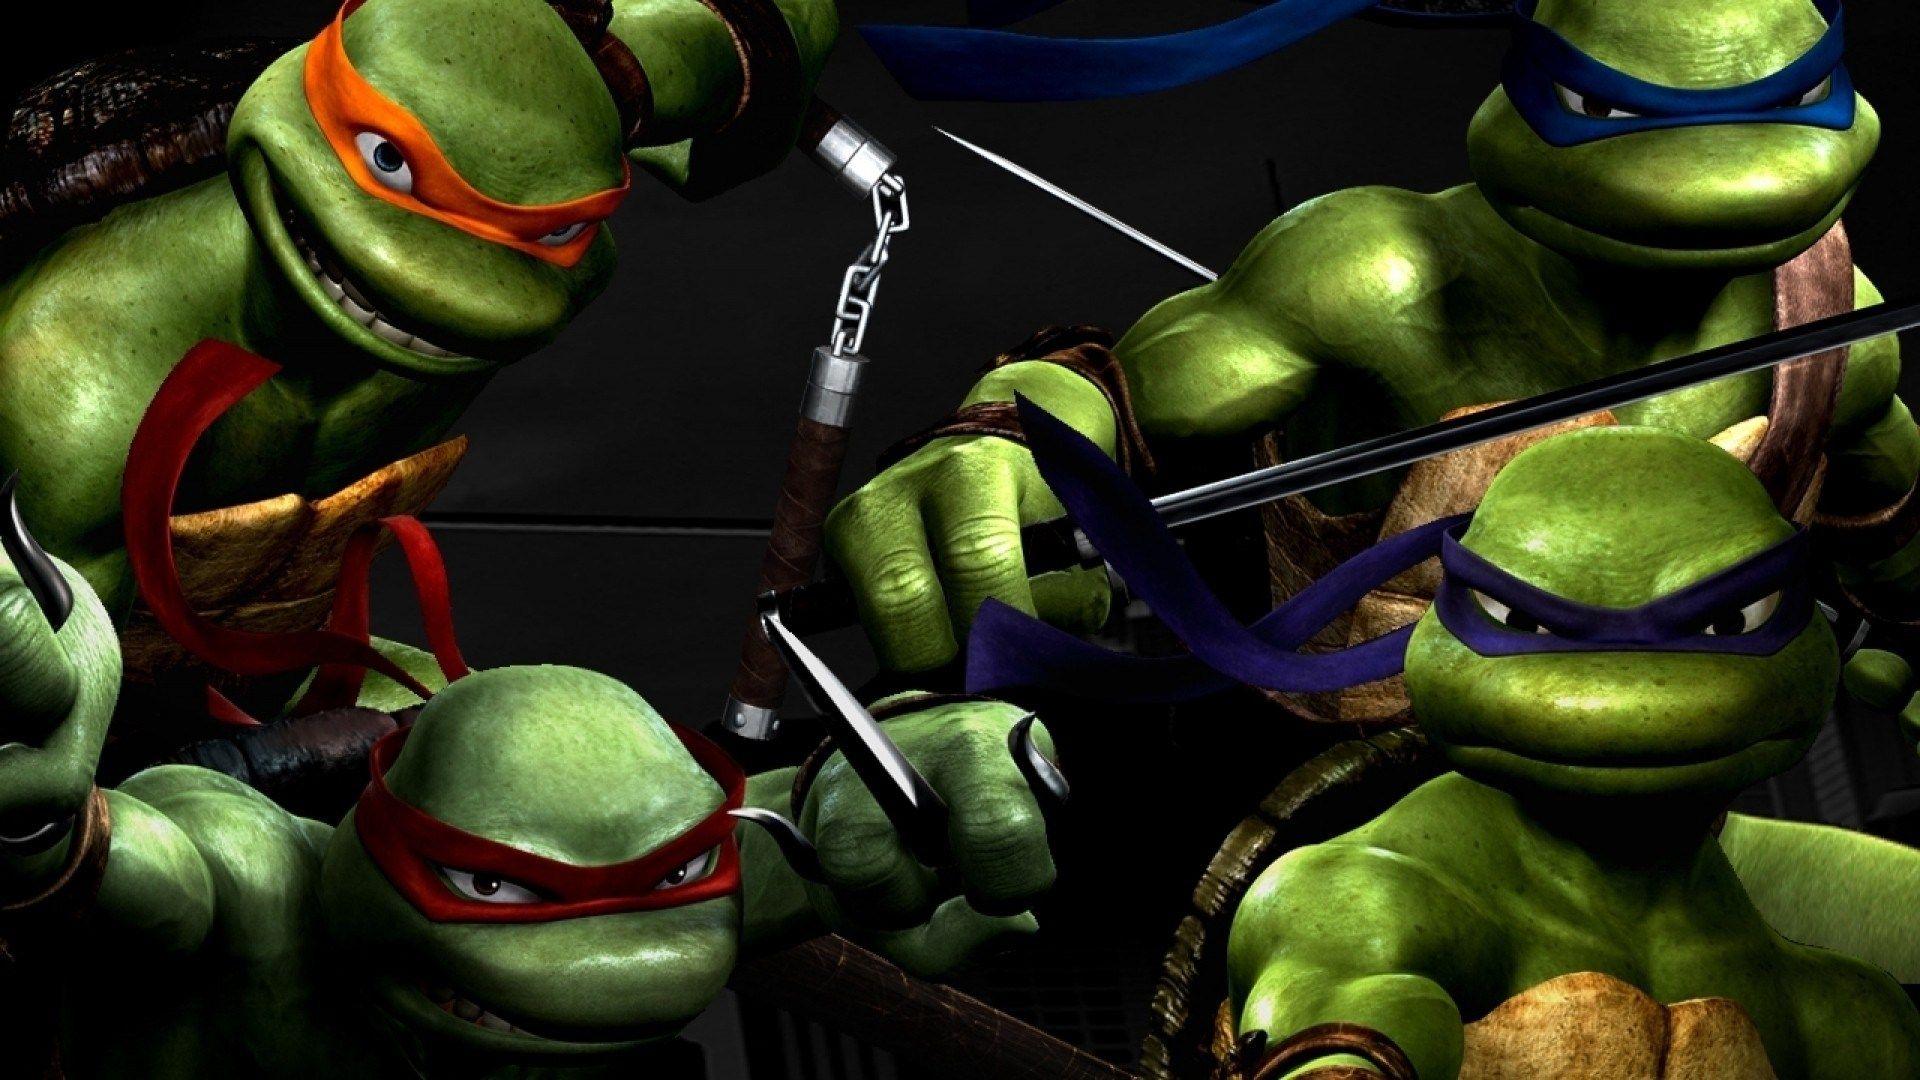 Ninja Turtles Wallpaper Pictures Widescreen Desktop